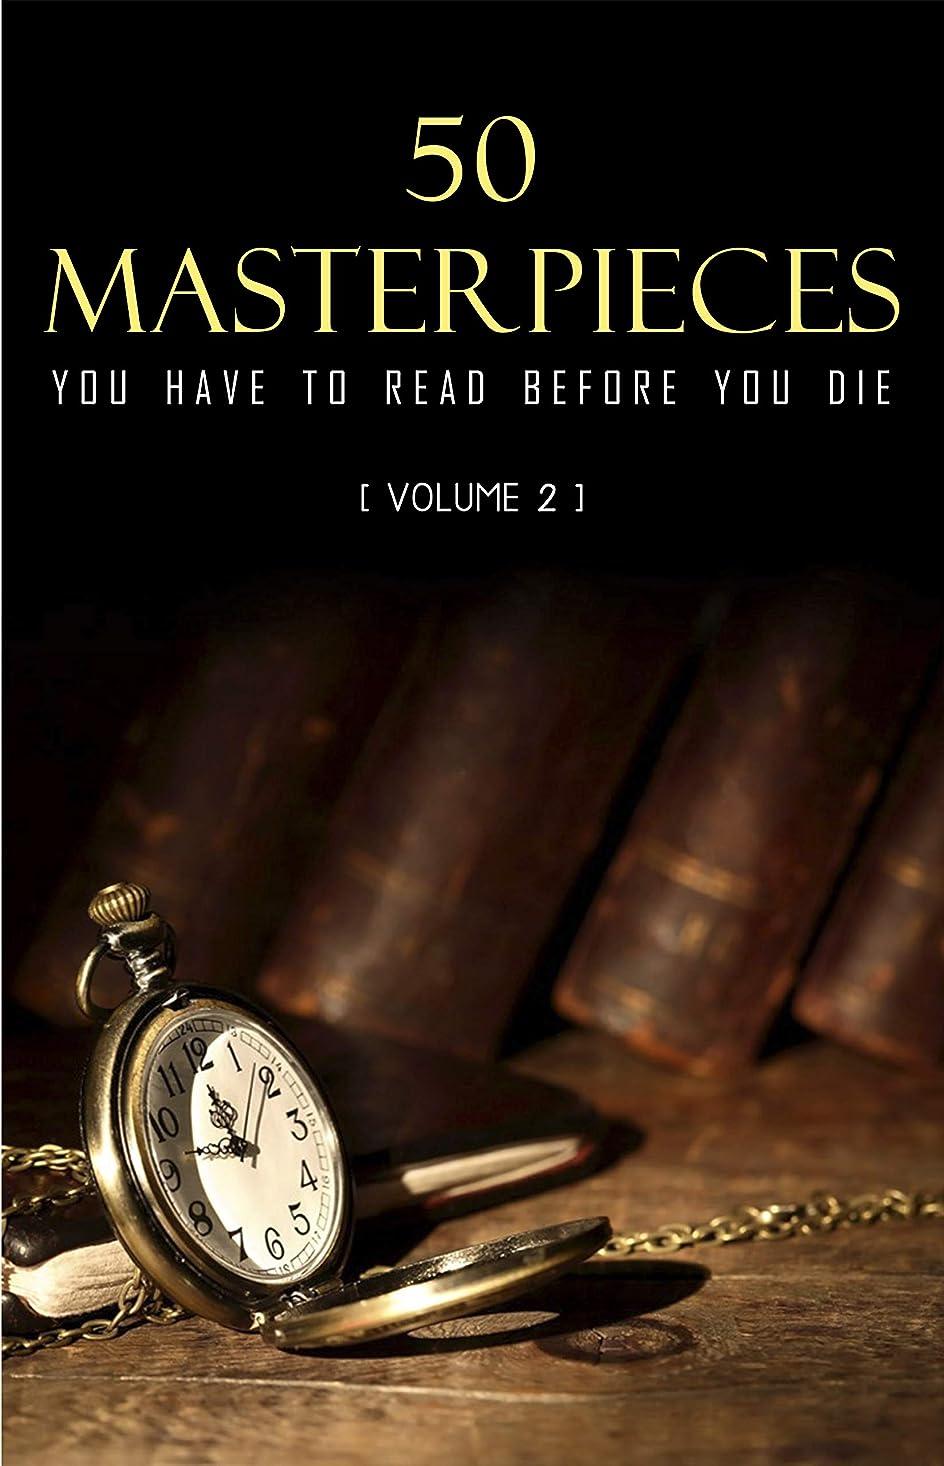 純粋なタイル満員50 Masterpieces you have to read before you die Vol: 2 (English Edition)